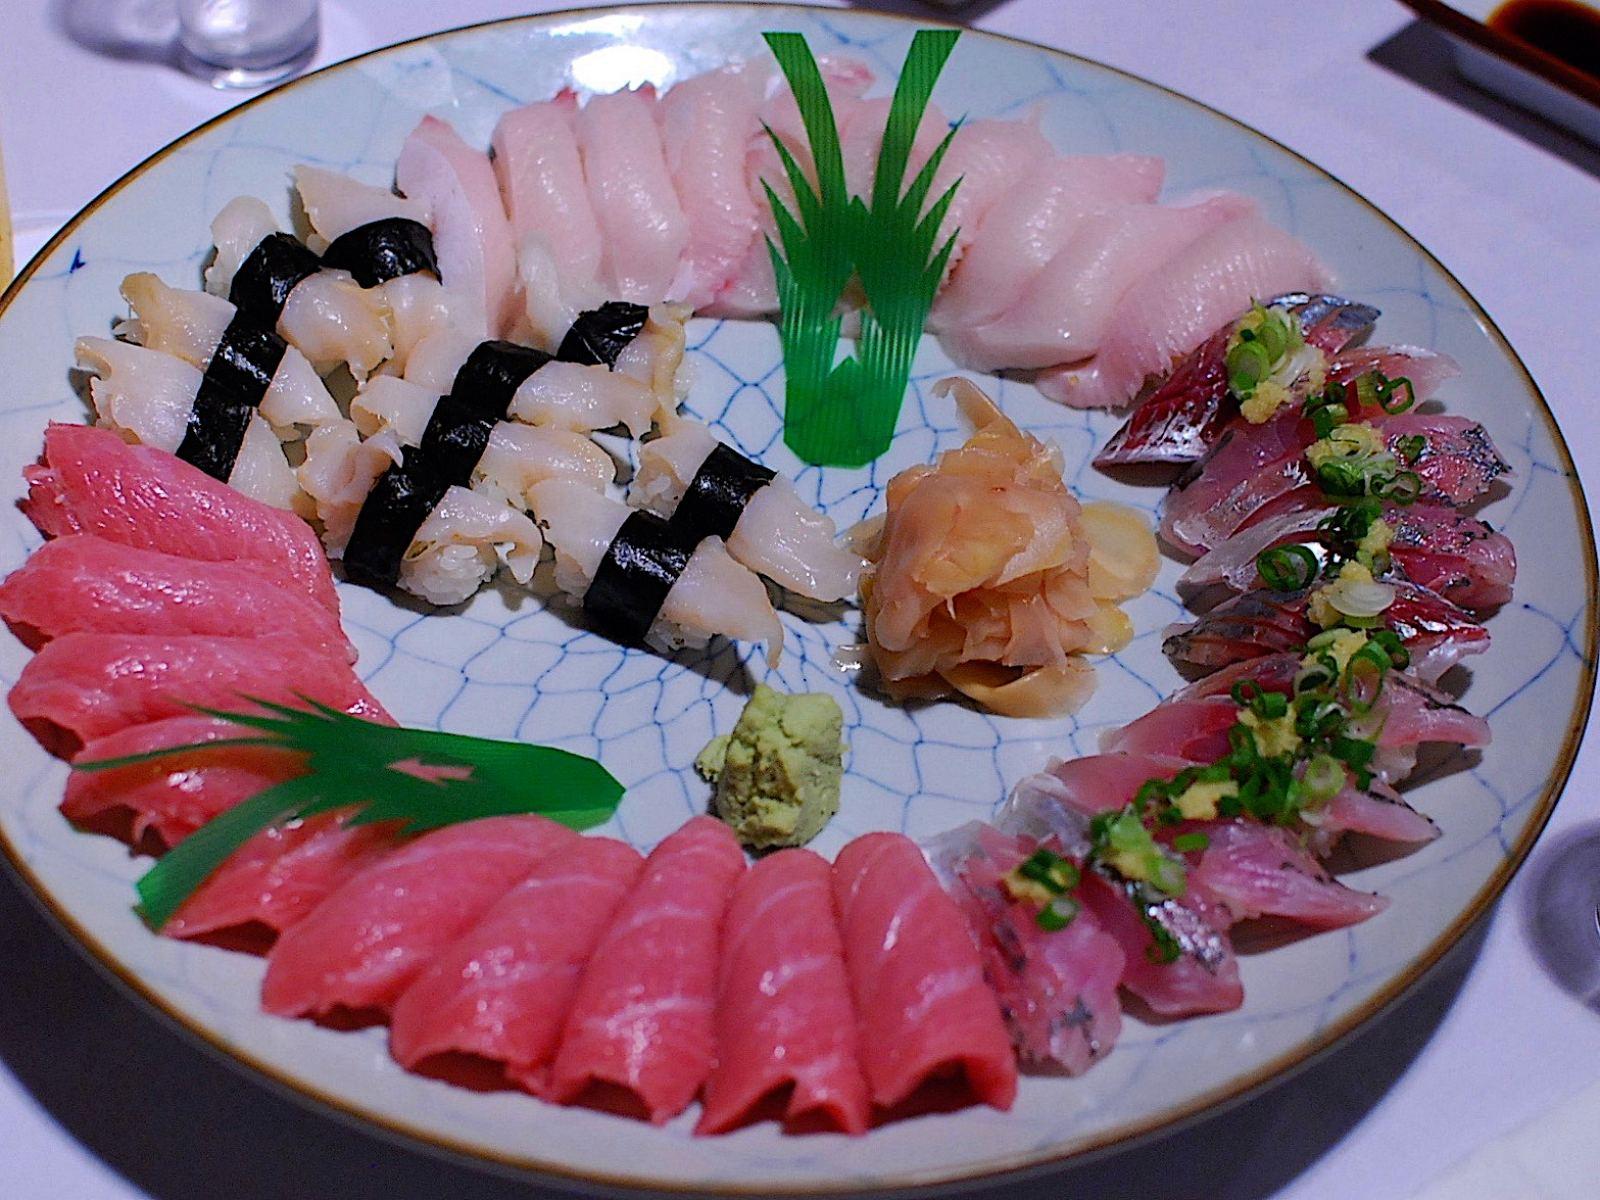 Sushi platter at Sushi Gen in Little Tokyo